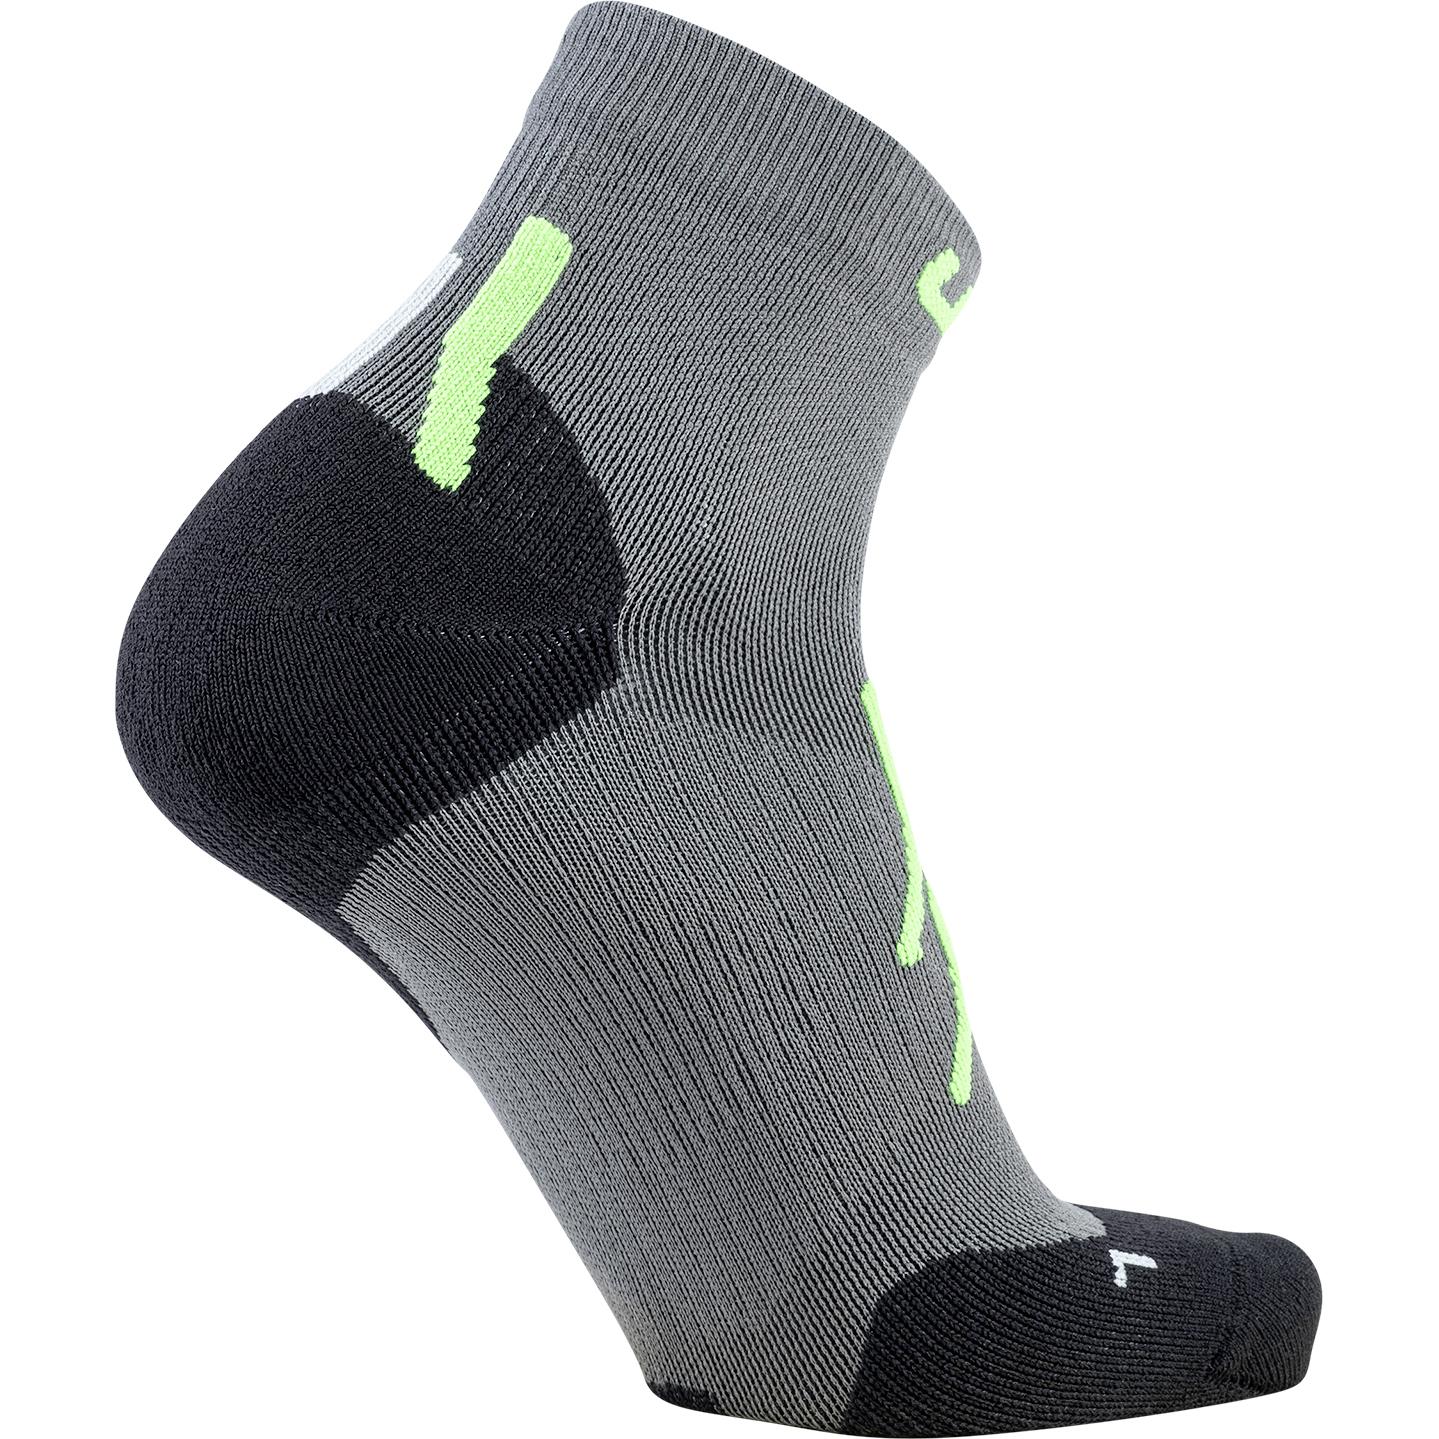 Image of UYN Trekking Approach Low Cut Socks - Grey/Green